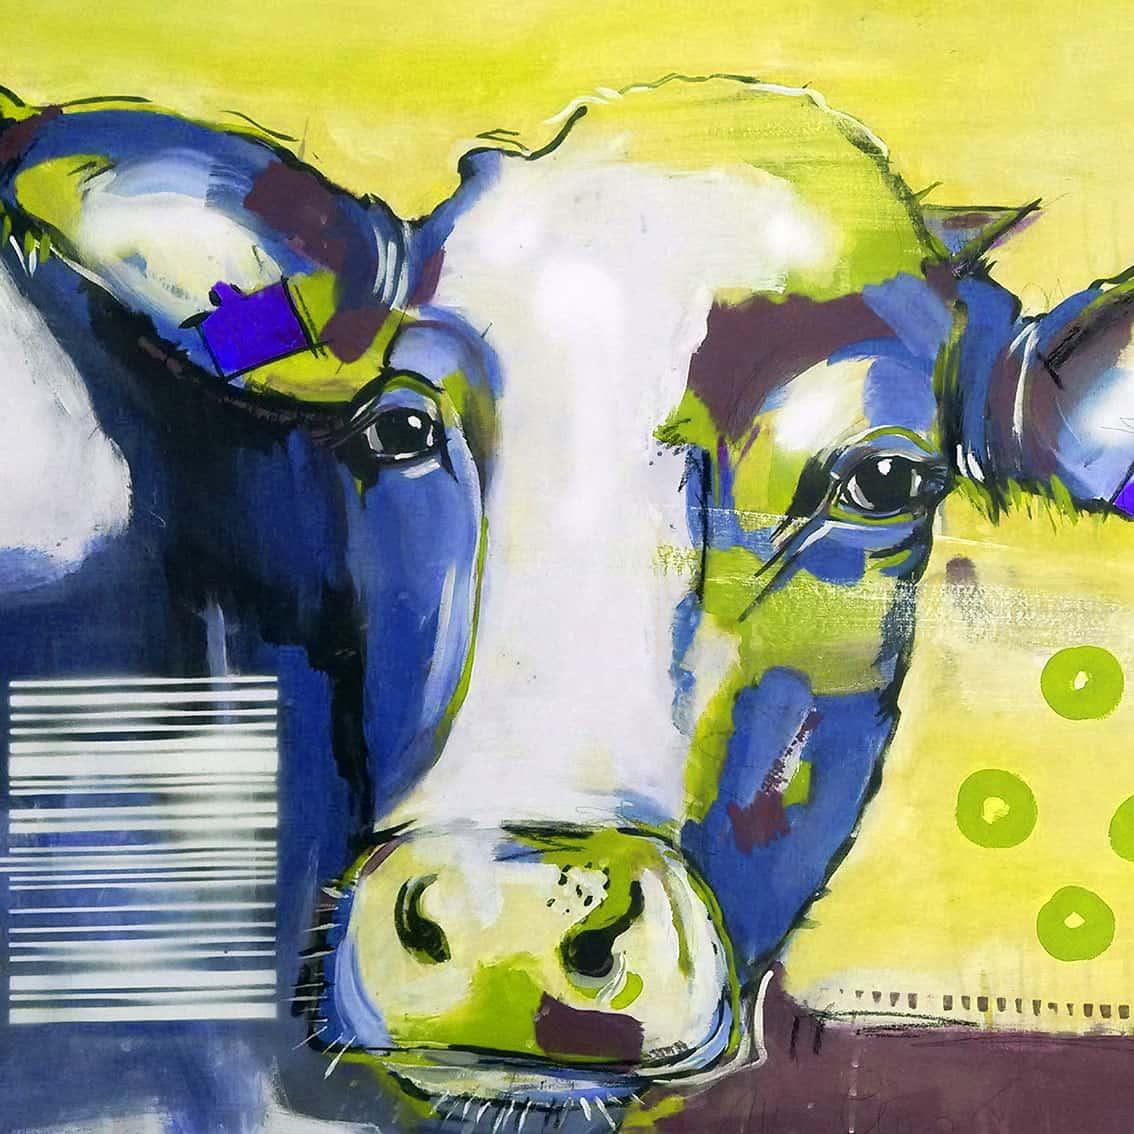 Kunstdruck kuh in blau atelier stefanie rogge - Kuh bilder auf leinwand ...